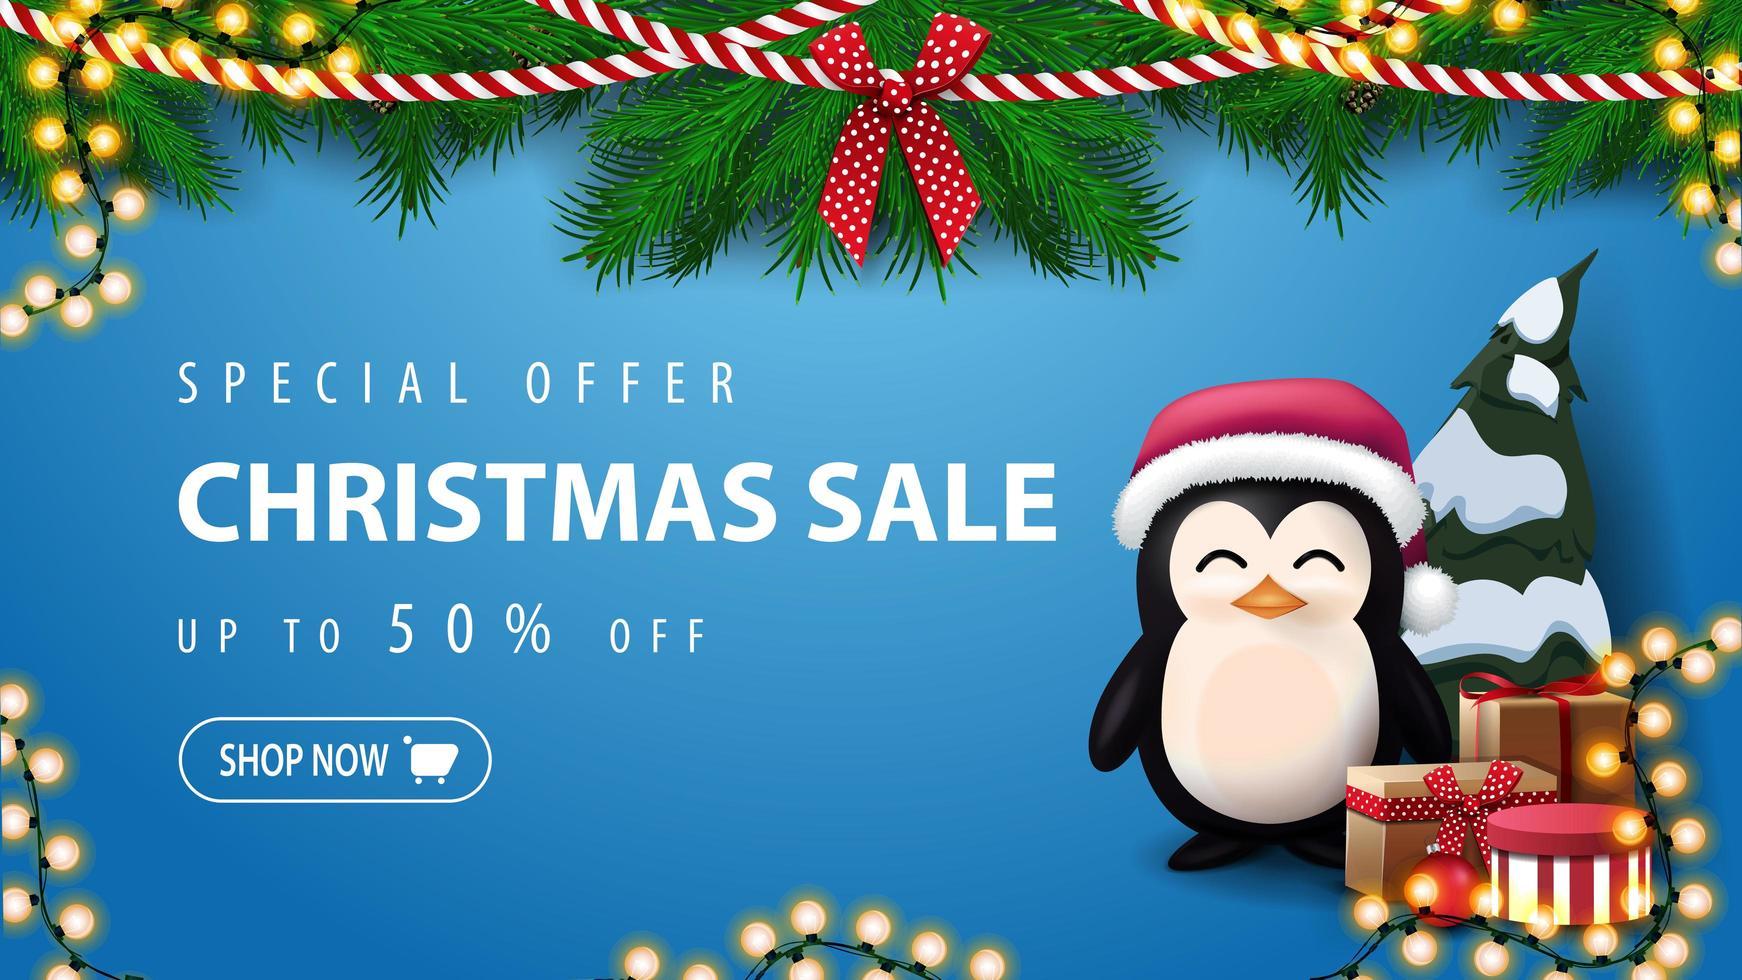 offre spéciale, vente de Noël, jusqu'à 50 de réduction, bannière de réduction bleue avec une couronne de branches d'arbre de Noël et pingouin en chapeau de père Noël avec des cadeaux près du mur vecteur